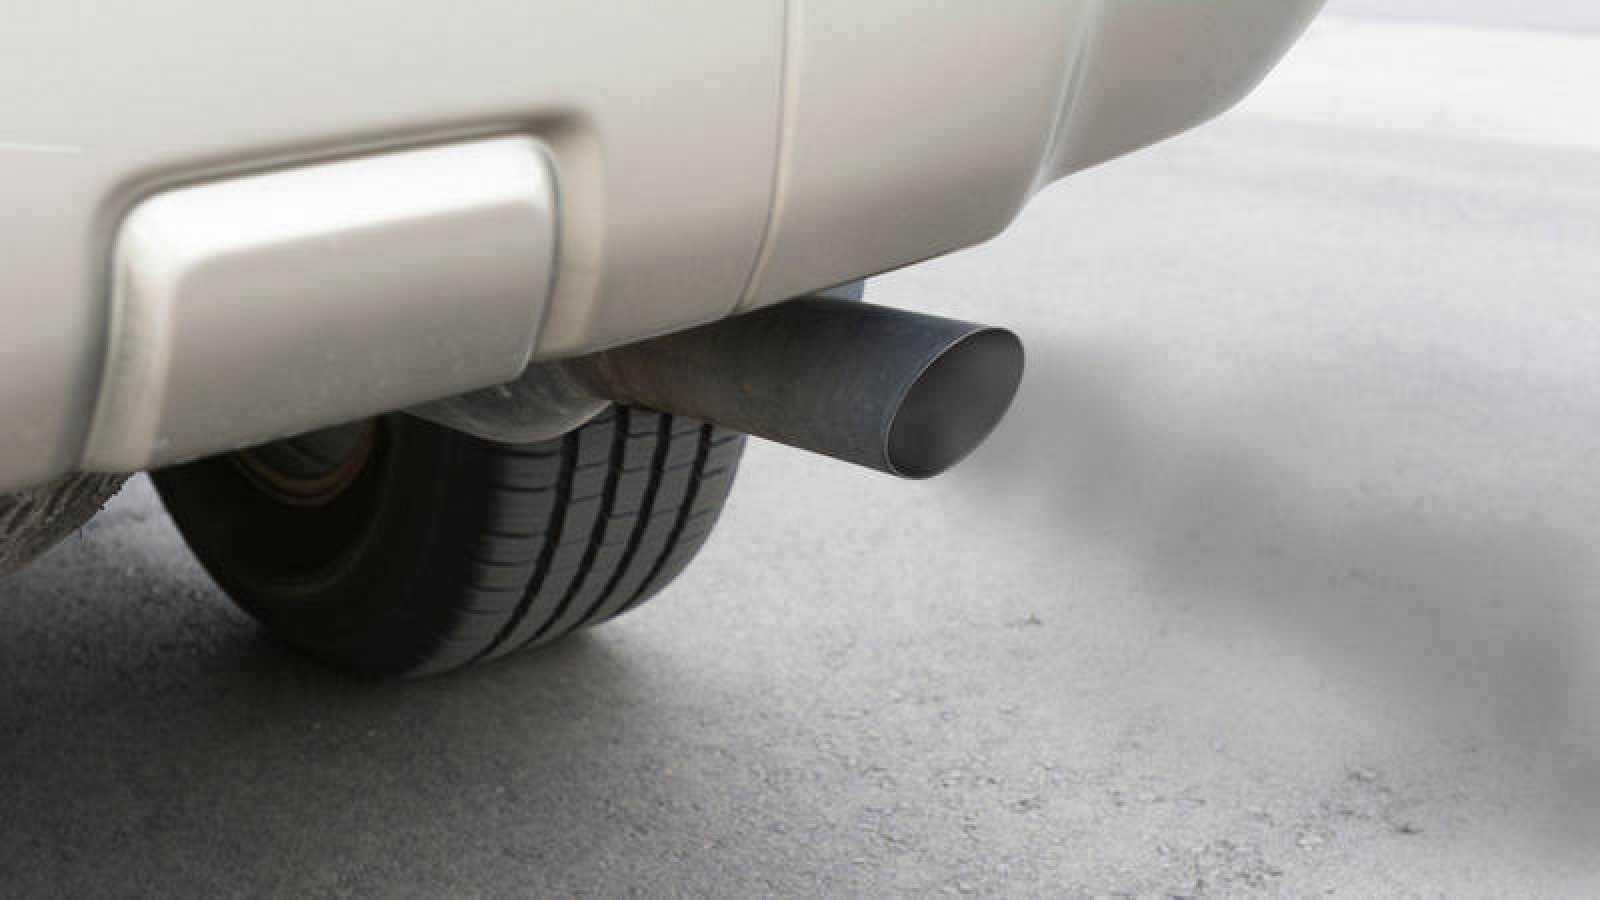 La justicia europea anula parte de los límites de emisiones para los diésel al considerarlos